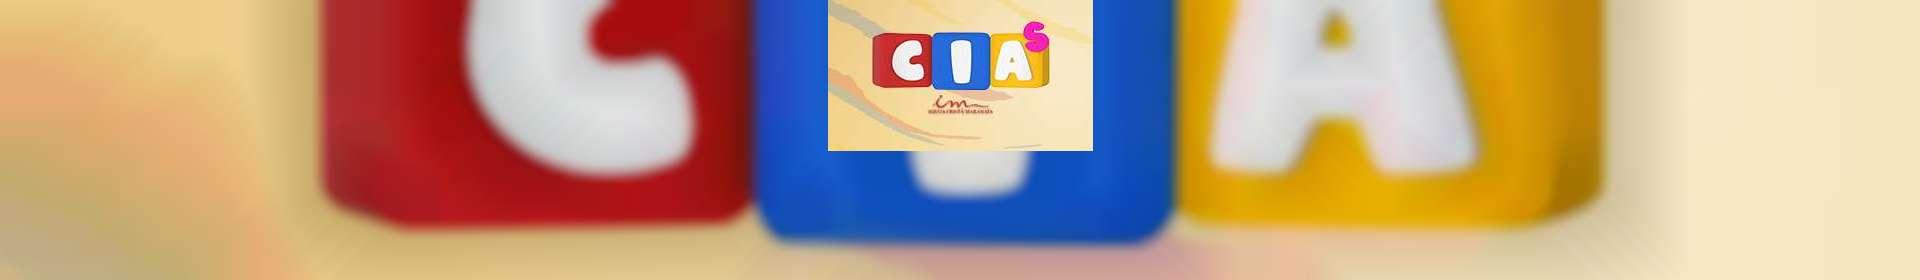 Aula de CIAS: classe de 3 a 7 anos - 02 de julho de 2020